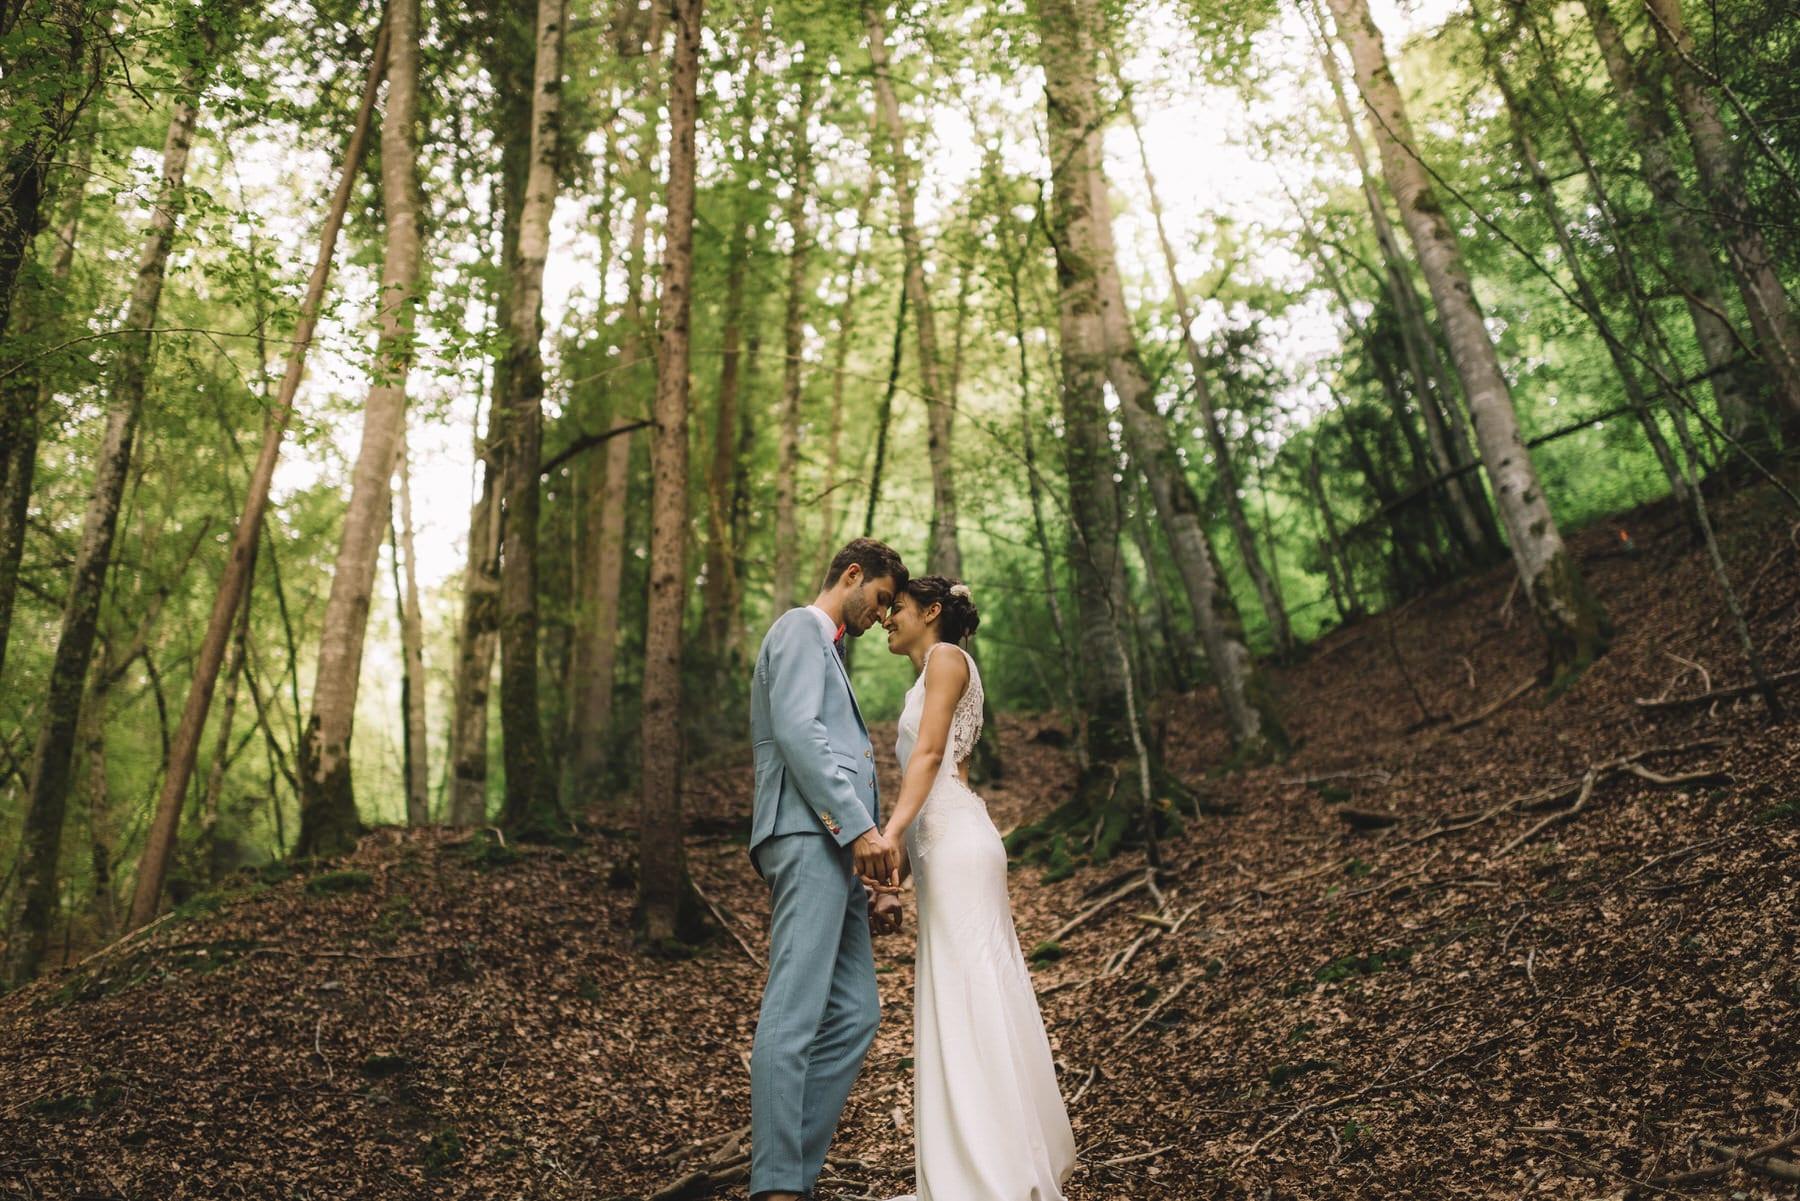 Photographe mariage annecy fermes de gy